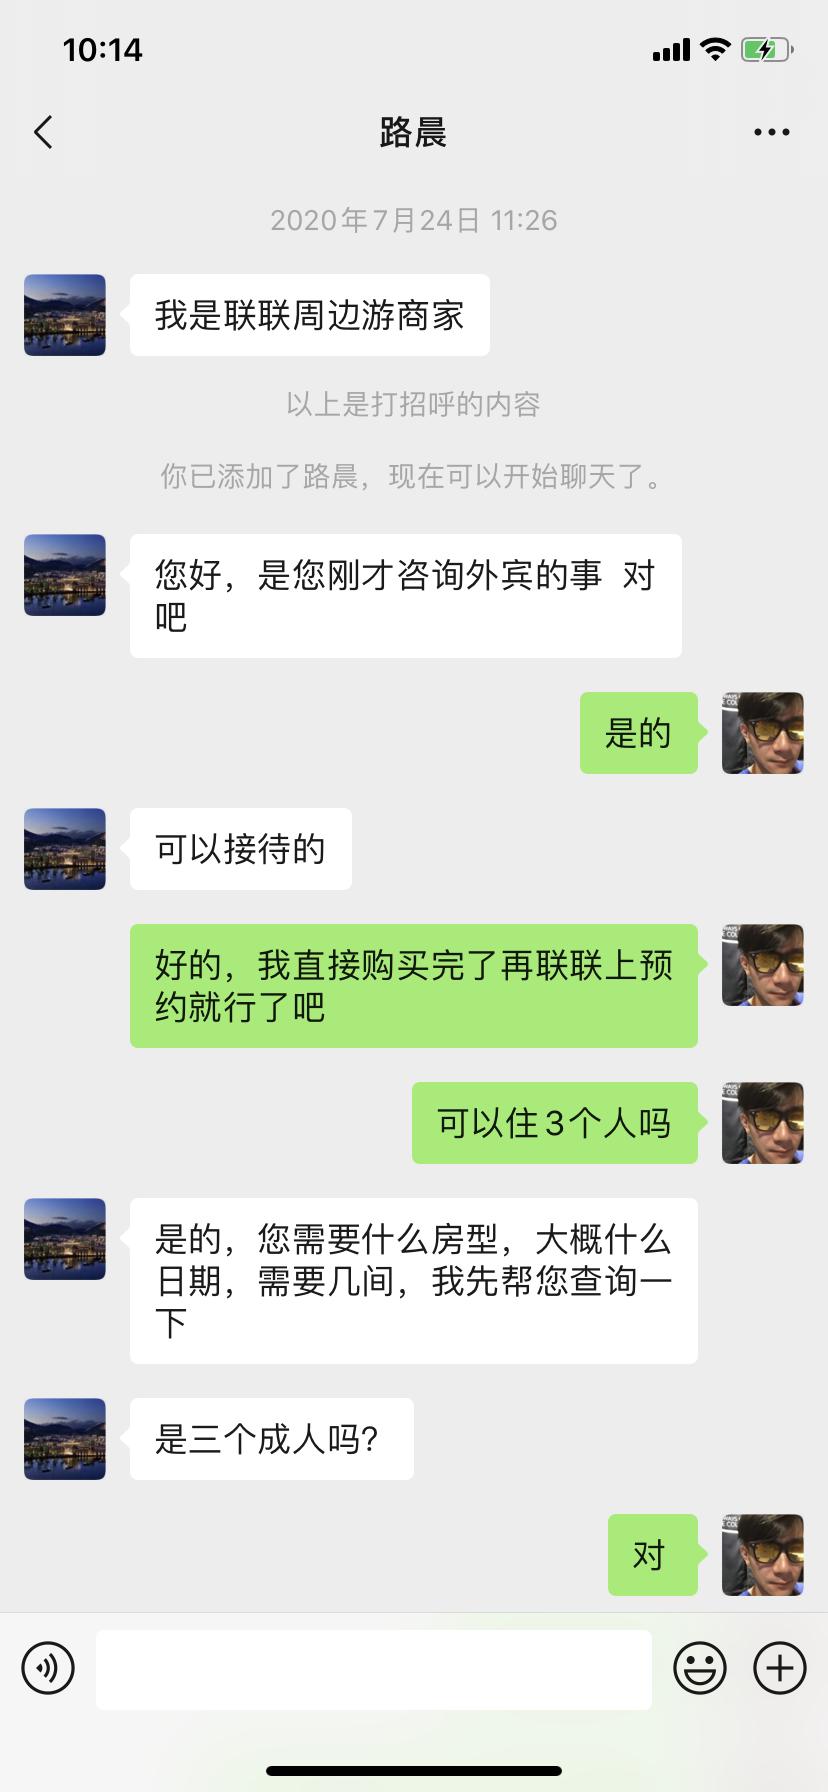 联联周边游北京站出售周边游产品拒绝退款